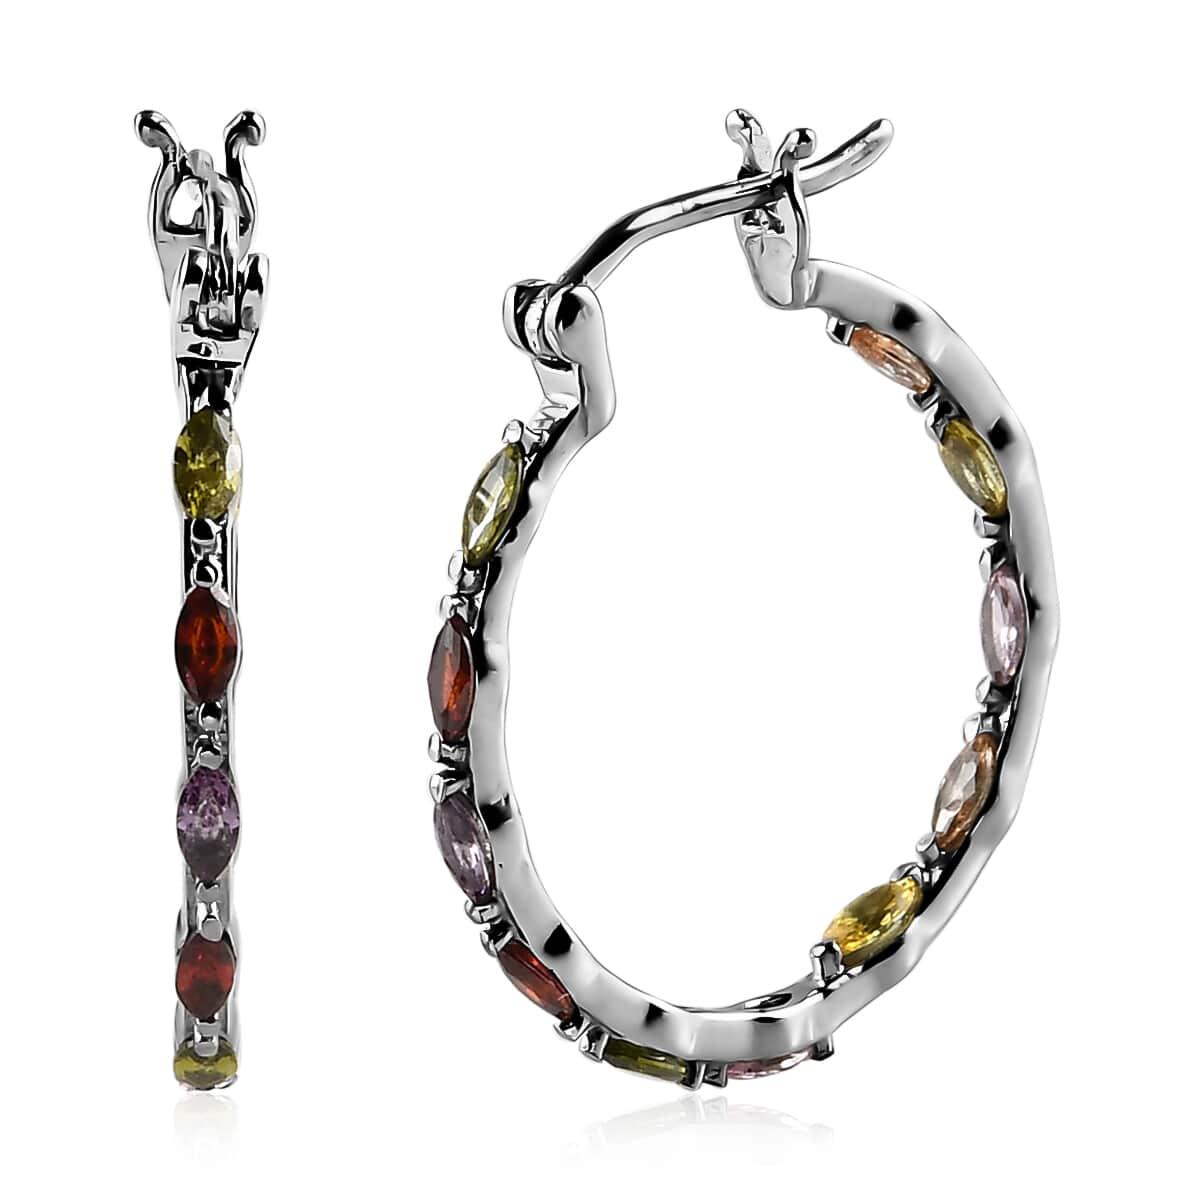 Hoops Hoop Earrings Multi Color Cubic Zirconia CZ Steel Insi